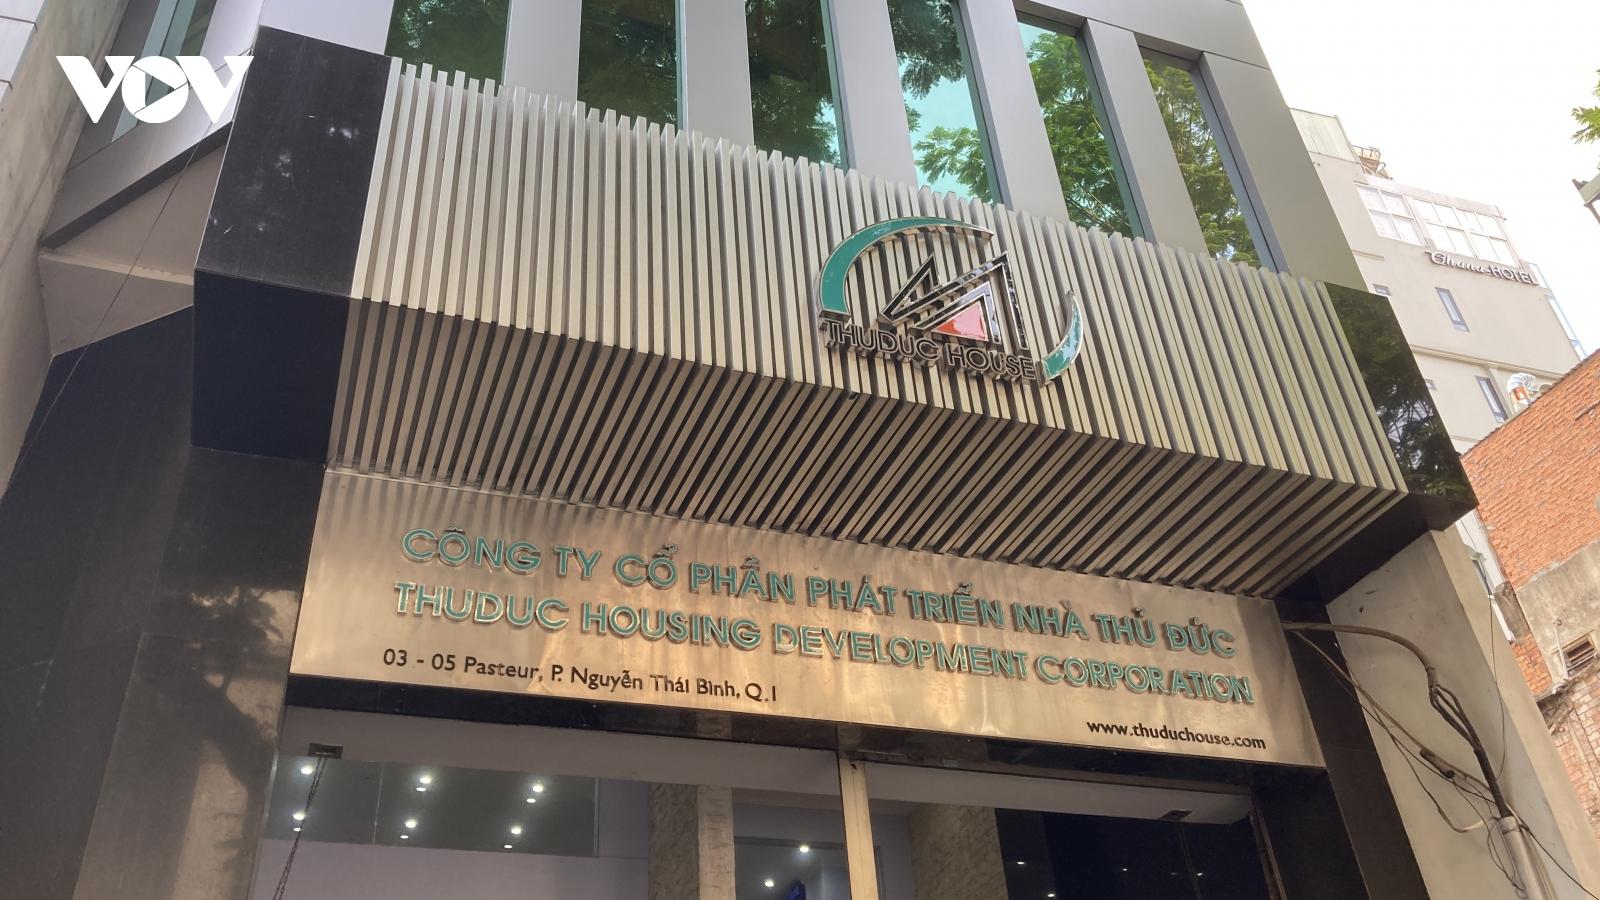 Cục Thuế TP HCM cưỡng chế thu thuế, Thuduc House phản hồi việc xuất khẩu hàng hoá